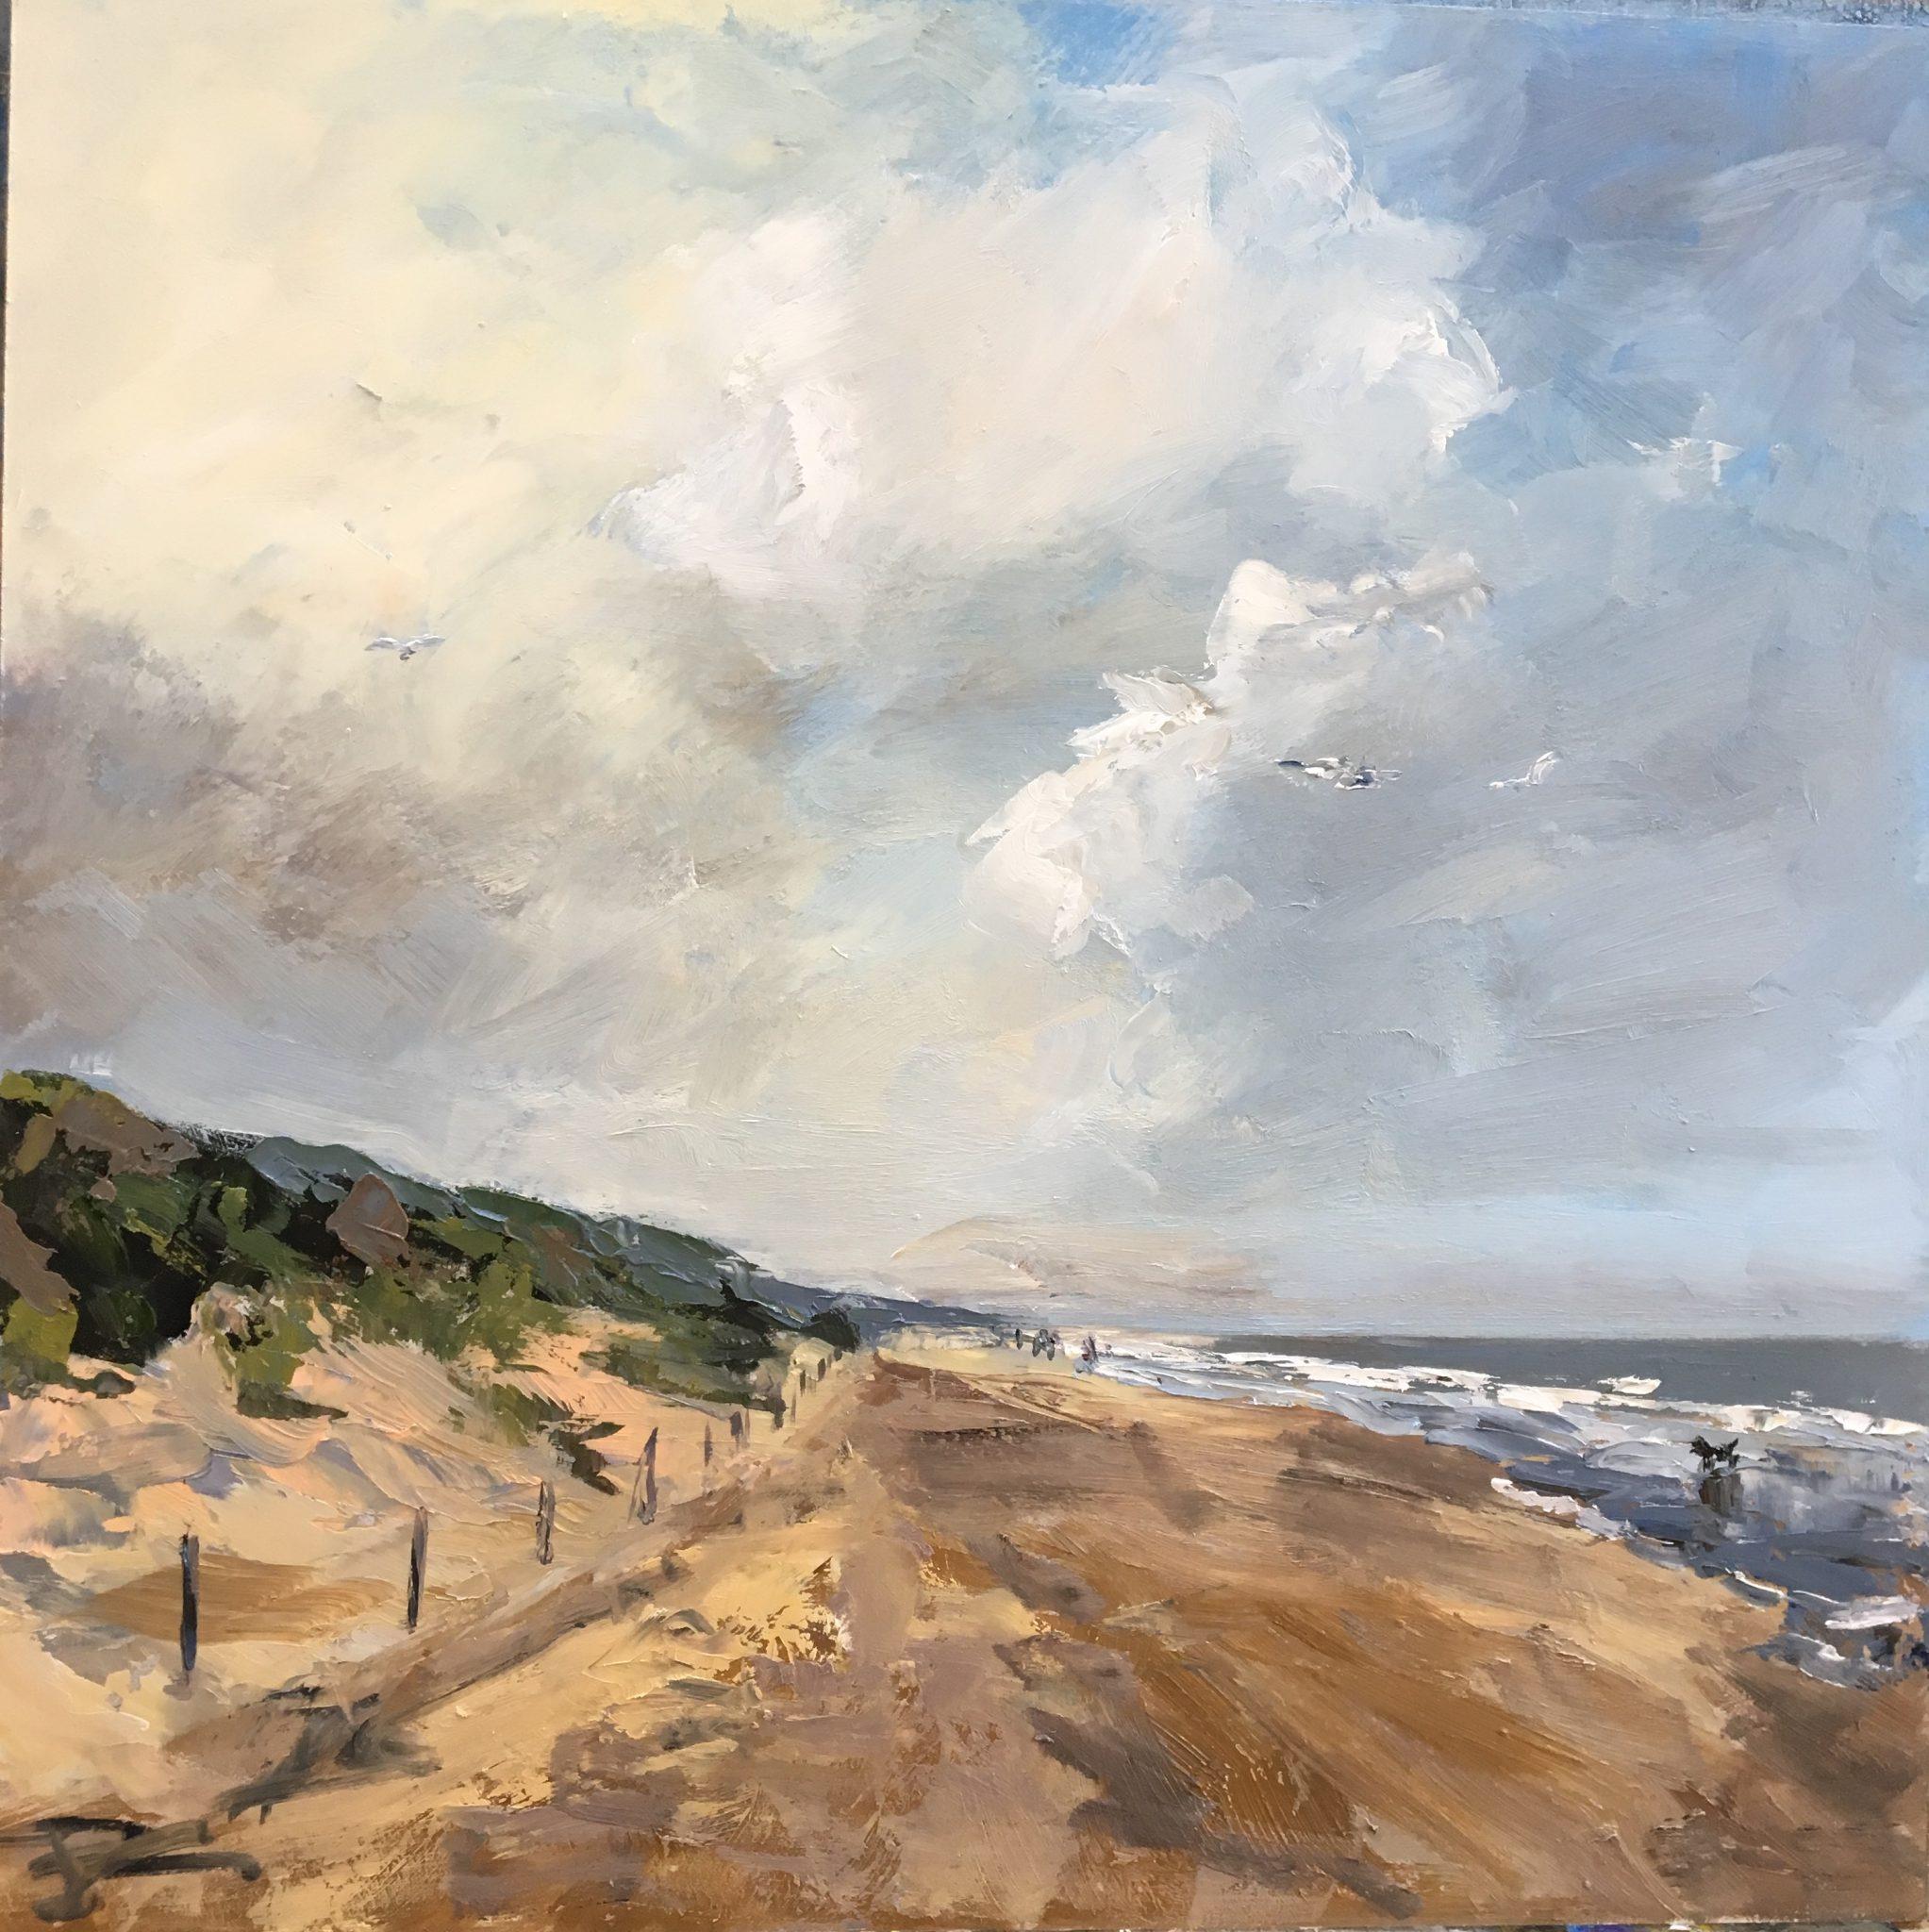 Autumn-Seascape-zeegezicht-beach-strandgezicht-herfst-van Lynden